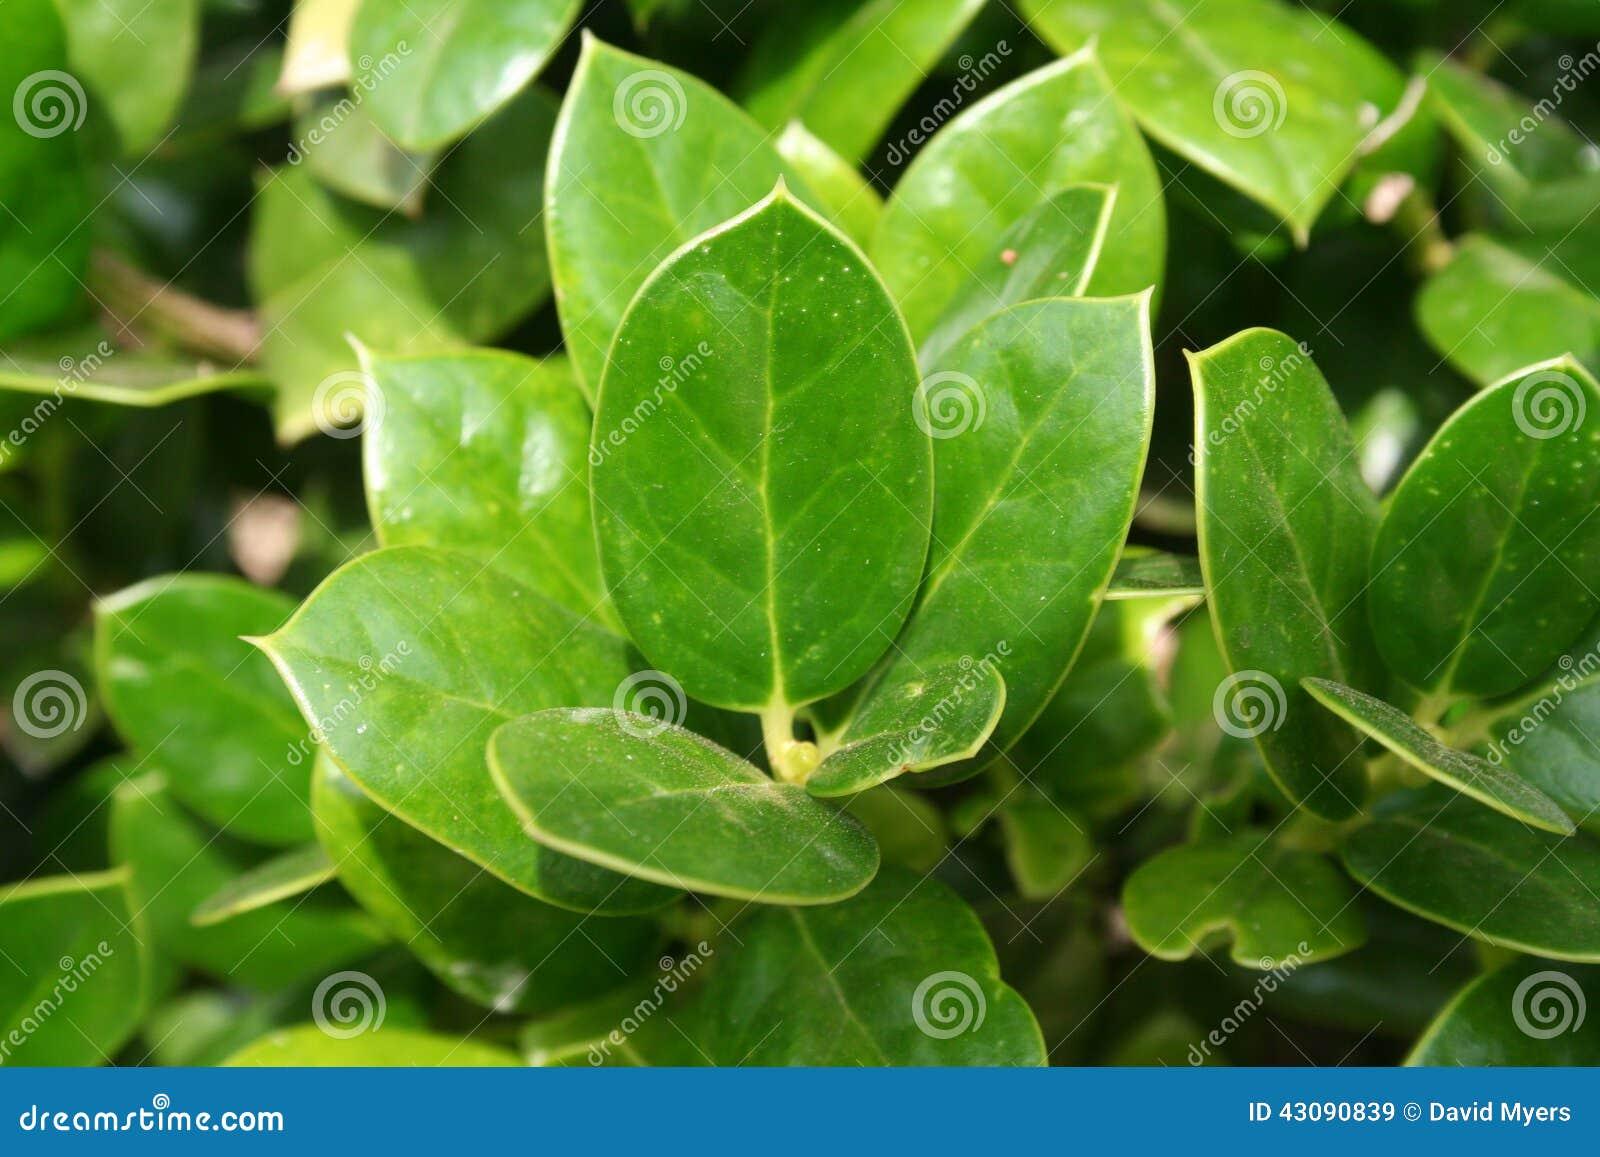 Seto rbol de hoja perenne primer imagen de archivo for Arboles para veredas hojas perennes